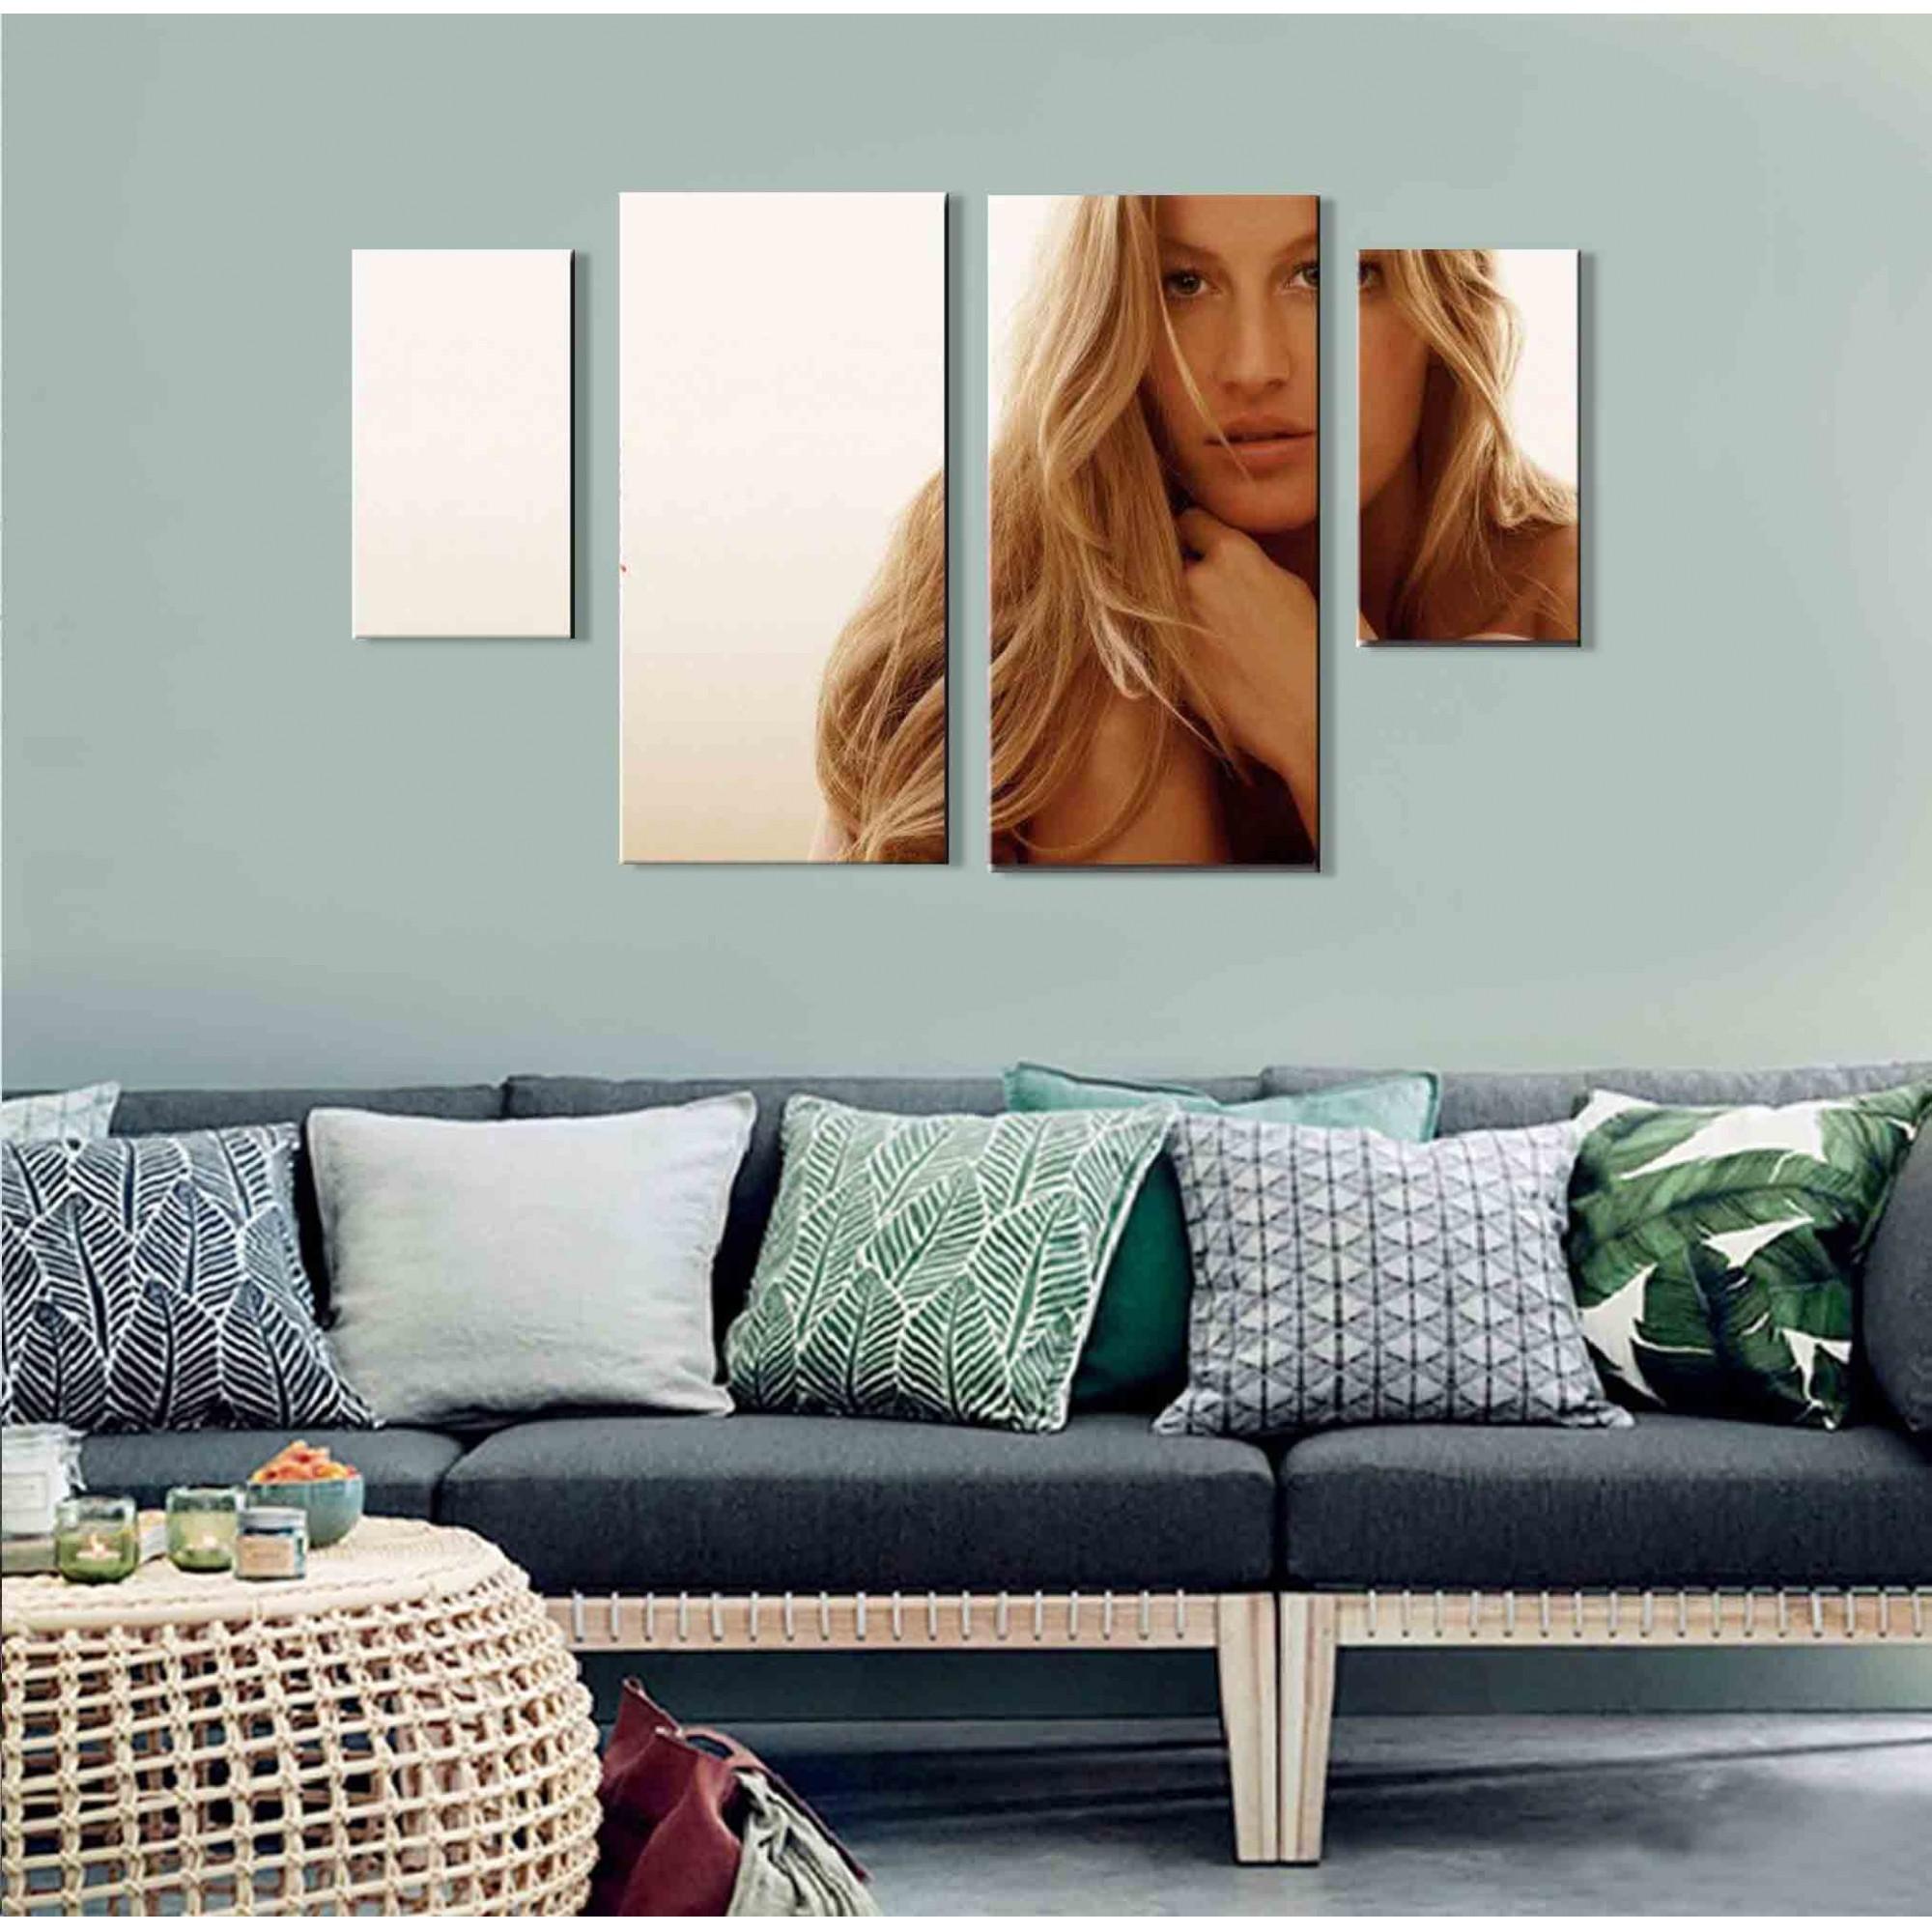 Kit Quadros Decorativos Personalizados Com Suas Fotos